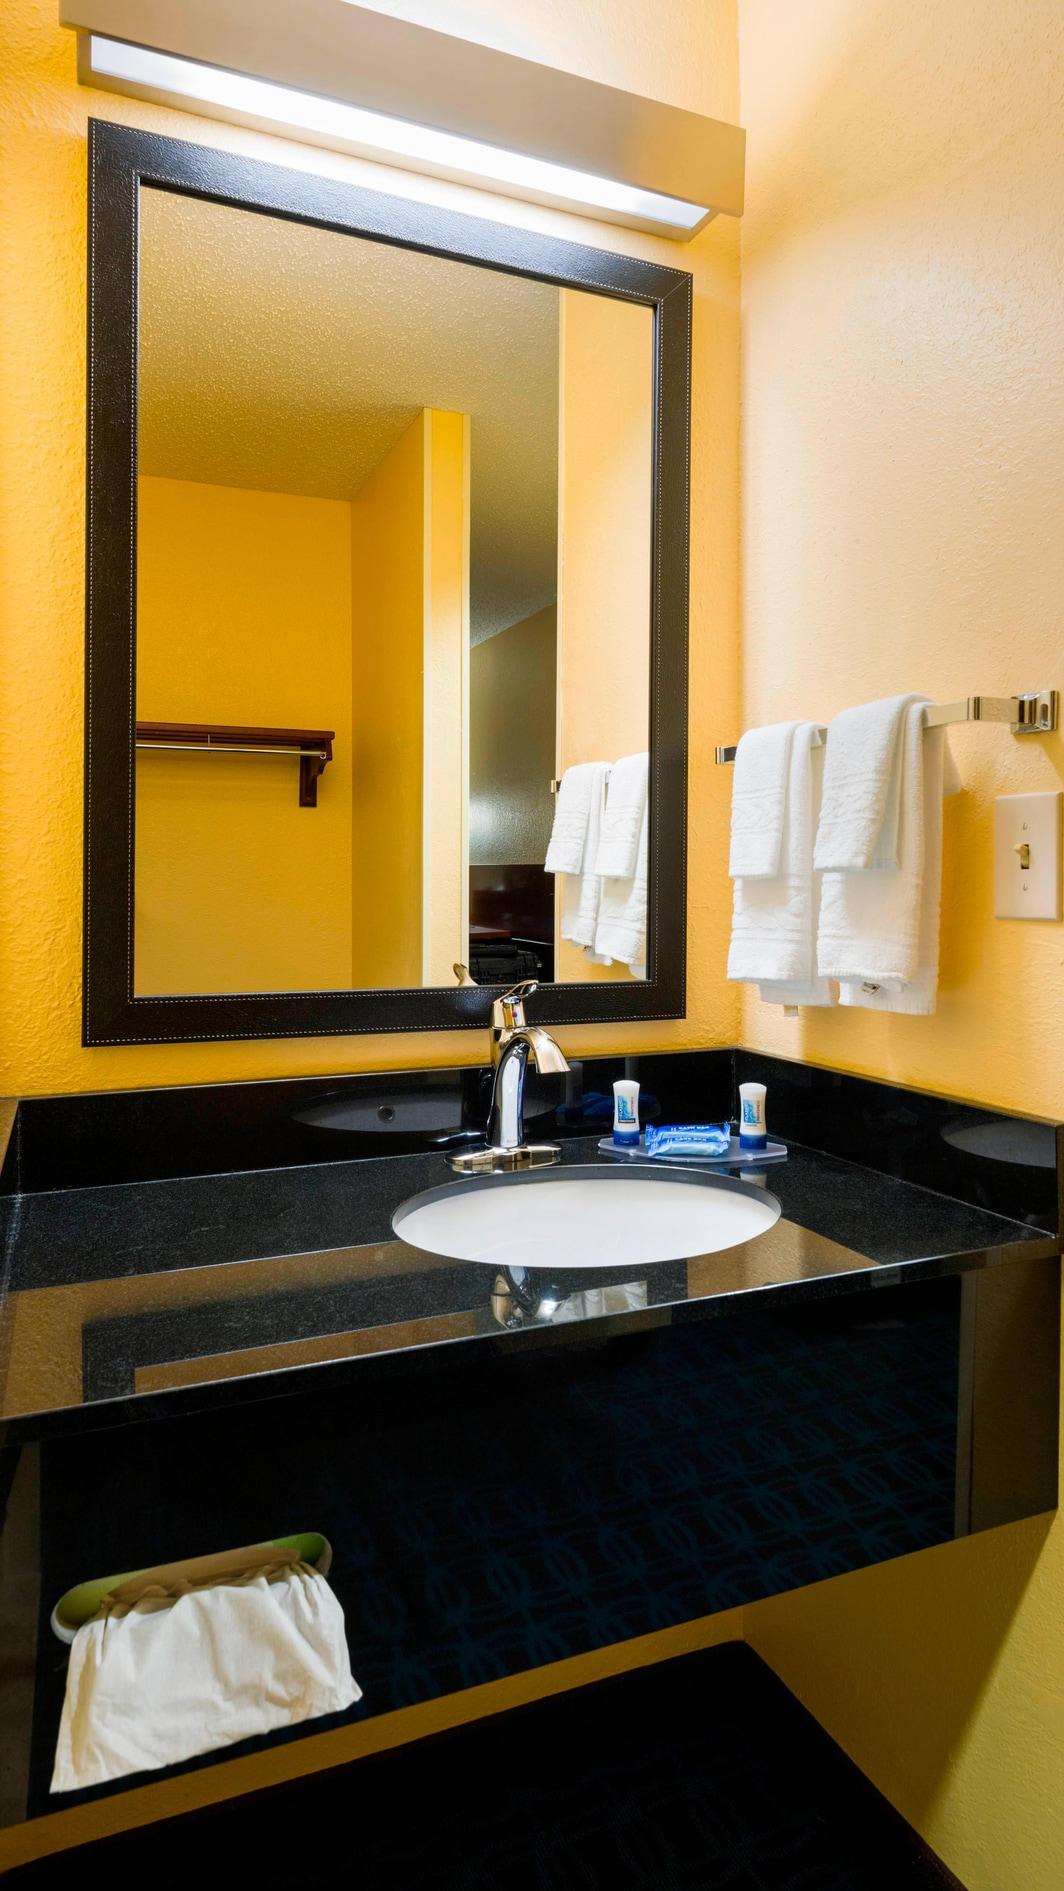 Allentown PA hotel bathroom